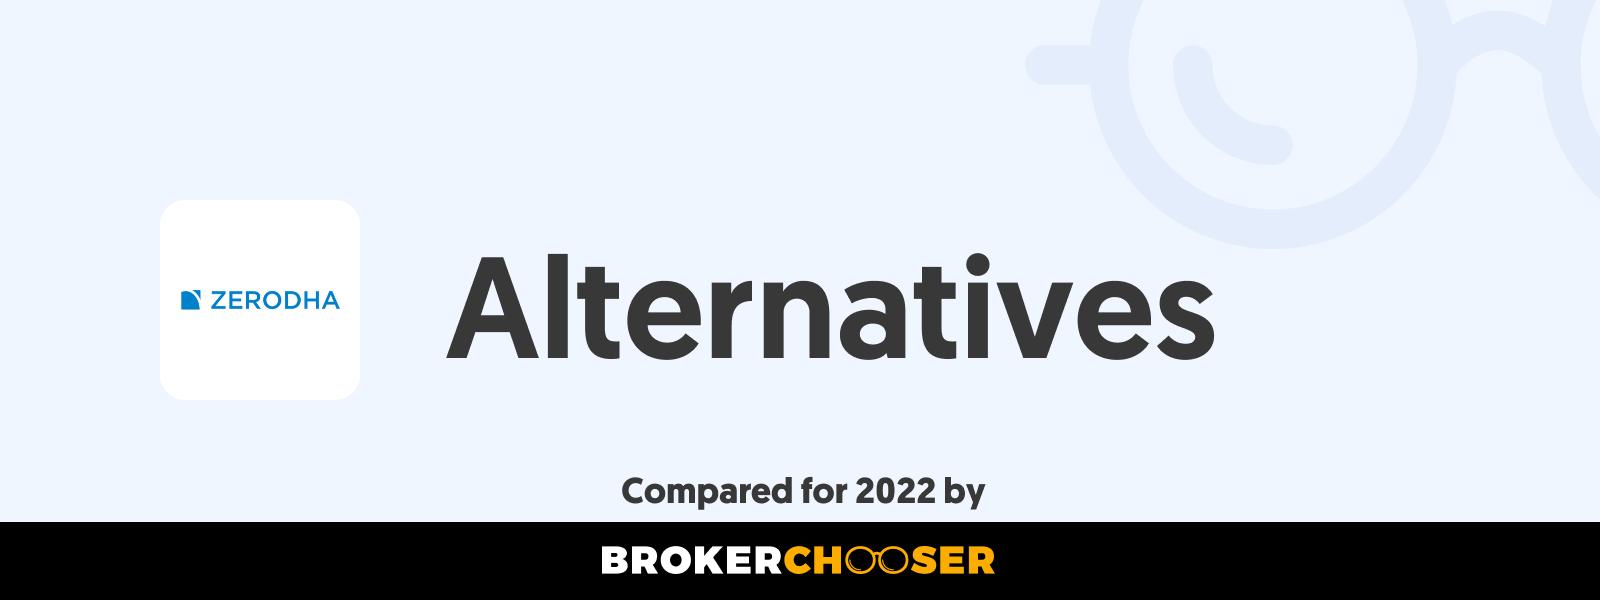 Zerodha Alternatives